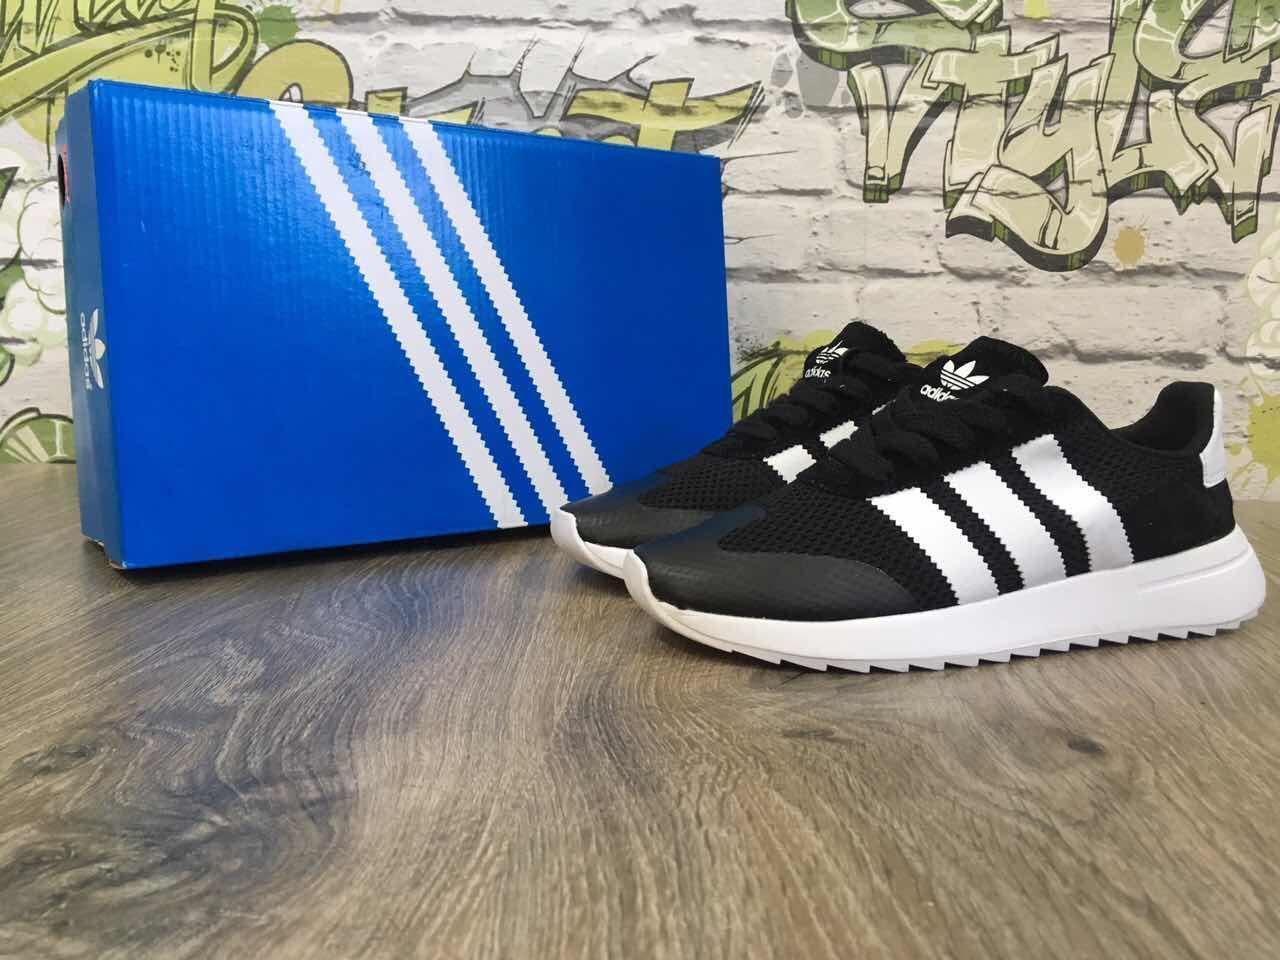 Кроссовки женские в стиле Adidas Flashback код товара Z-1224. Черные с белым